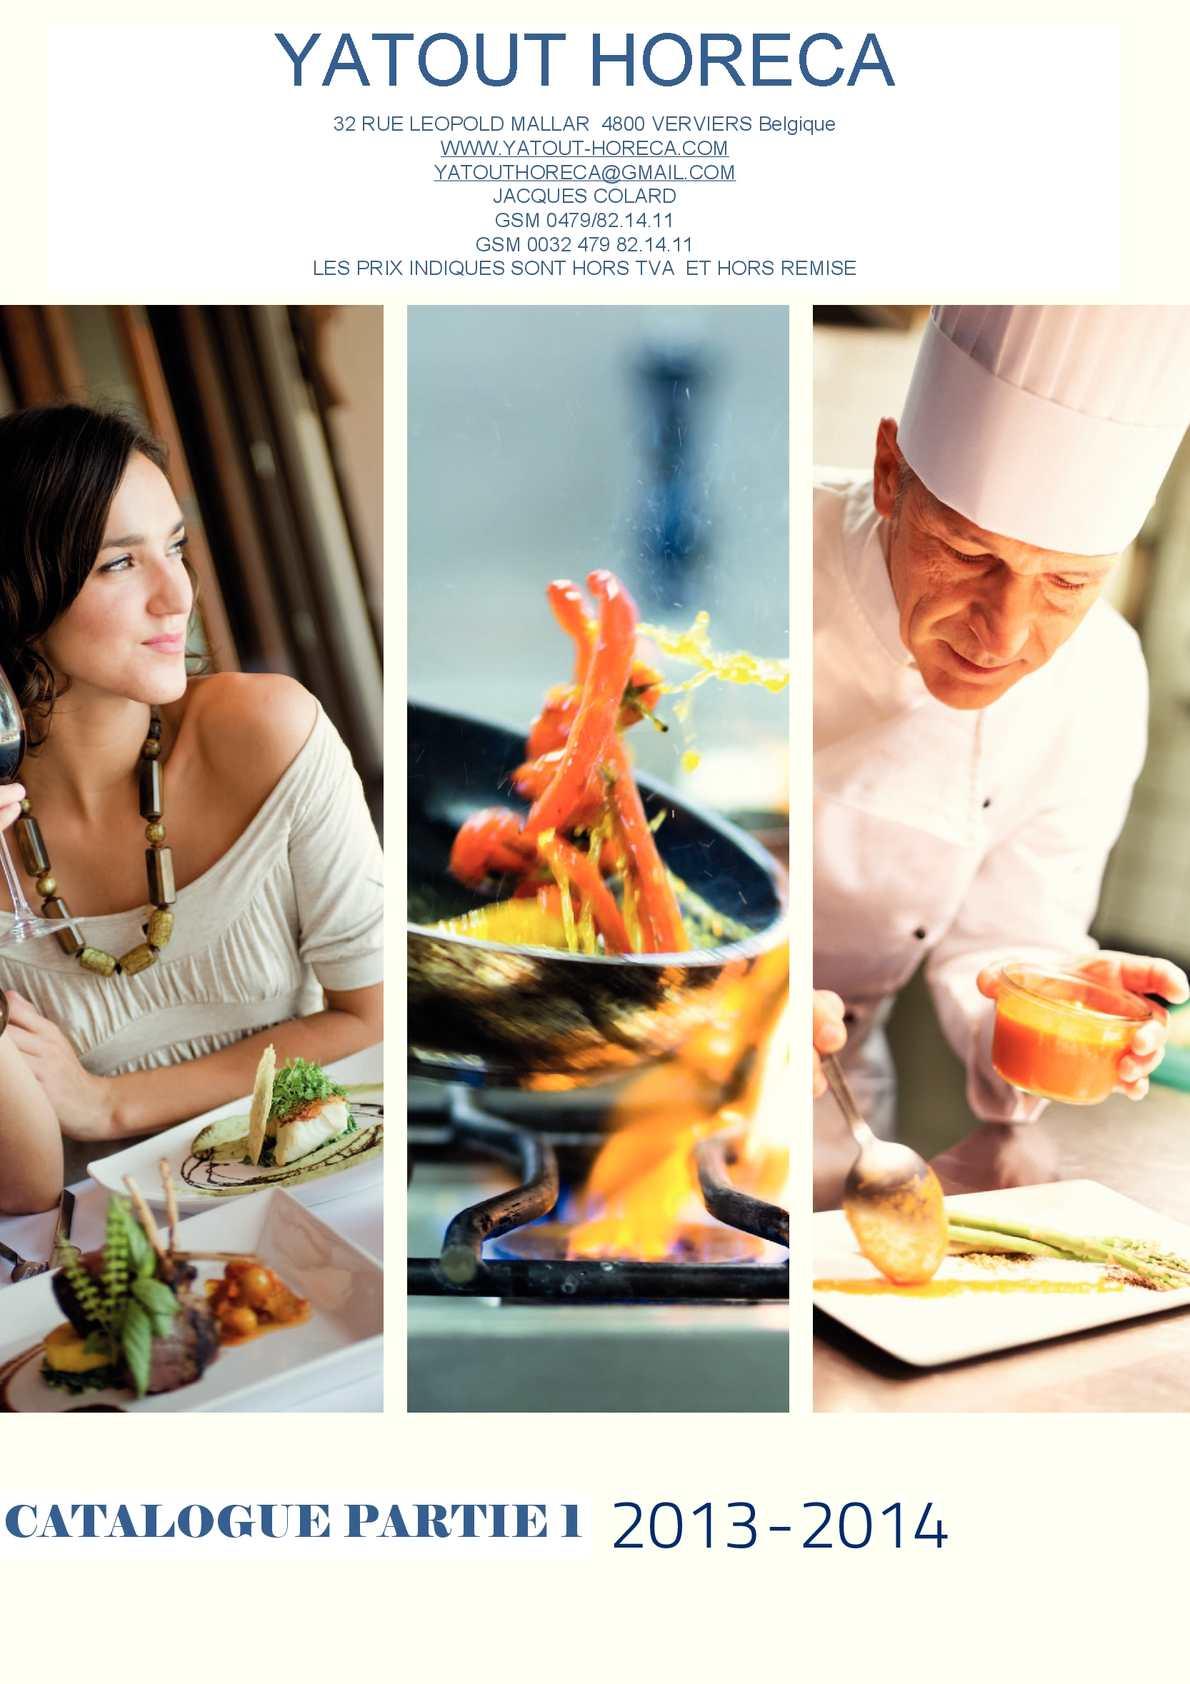 Vogue style chinois Spatule Cuisson Cuisine 460mm restauration outils de préparation